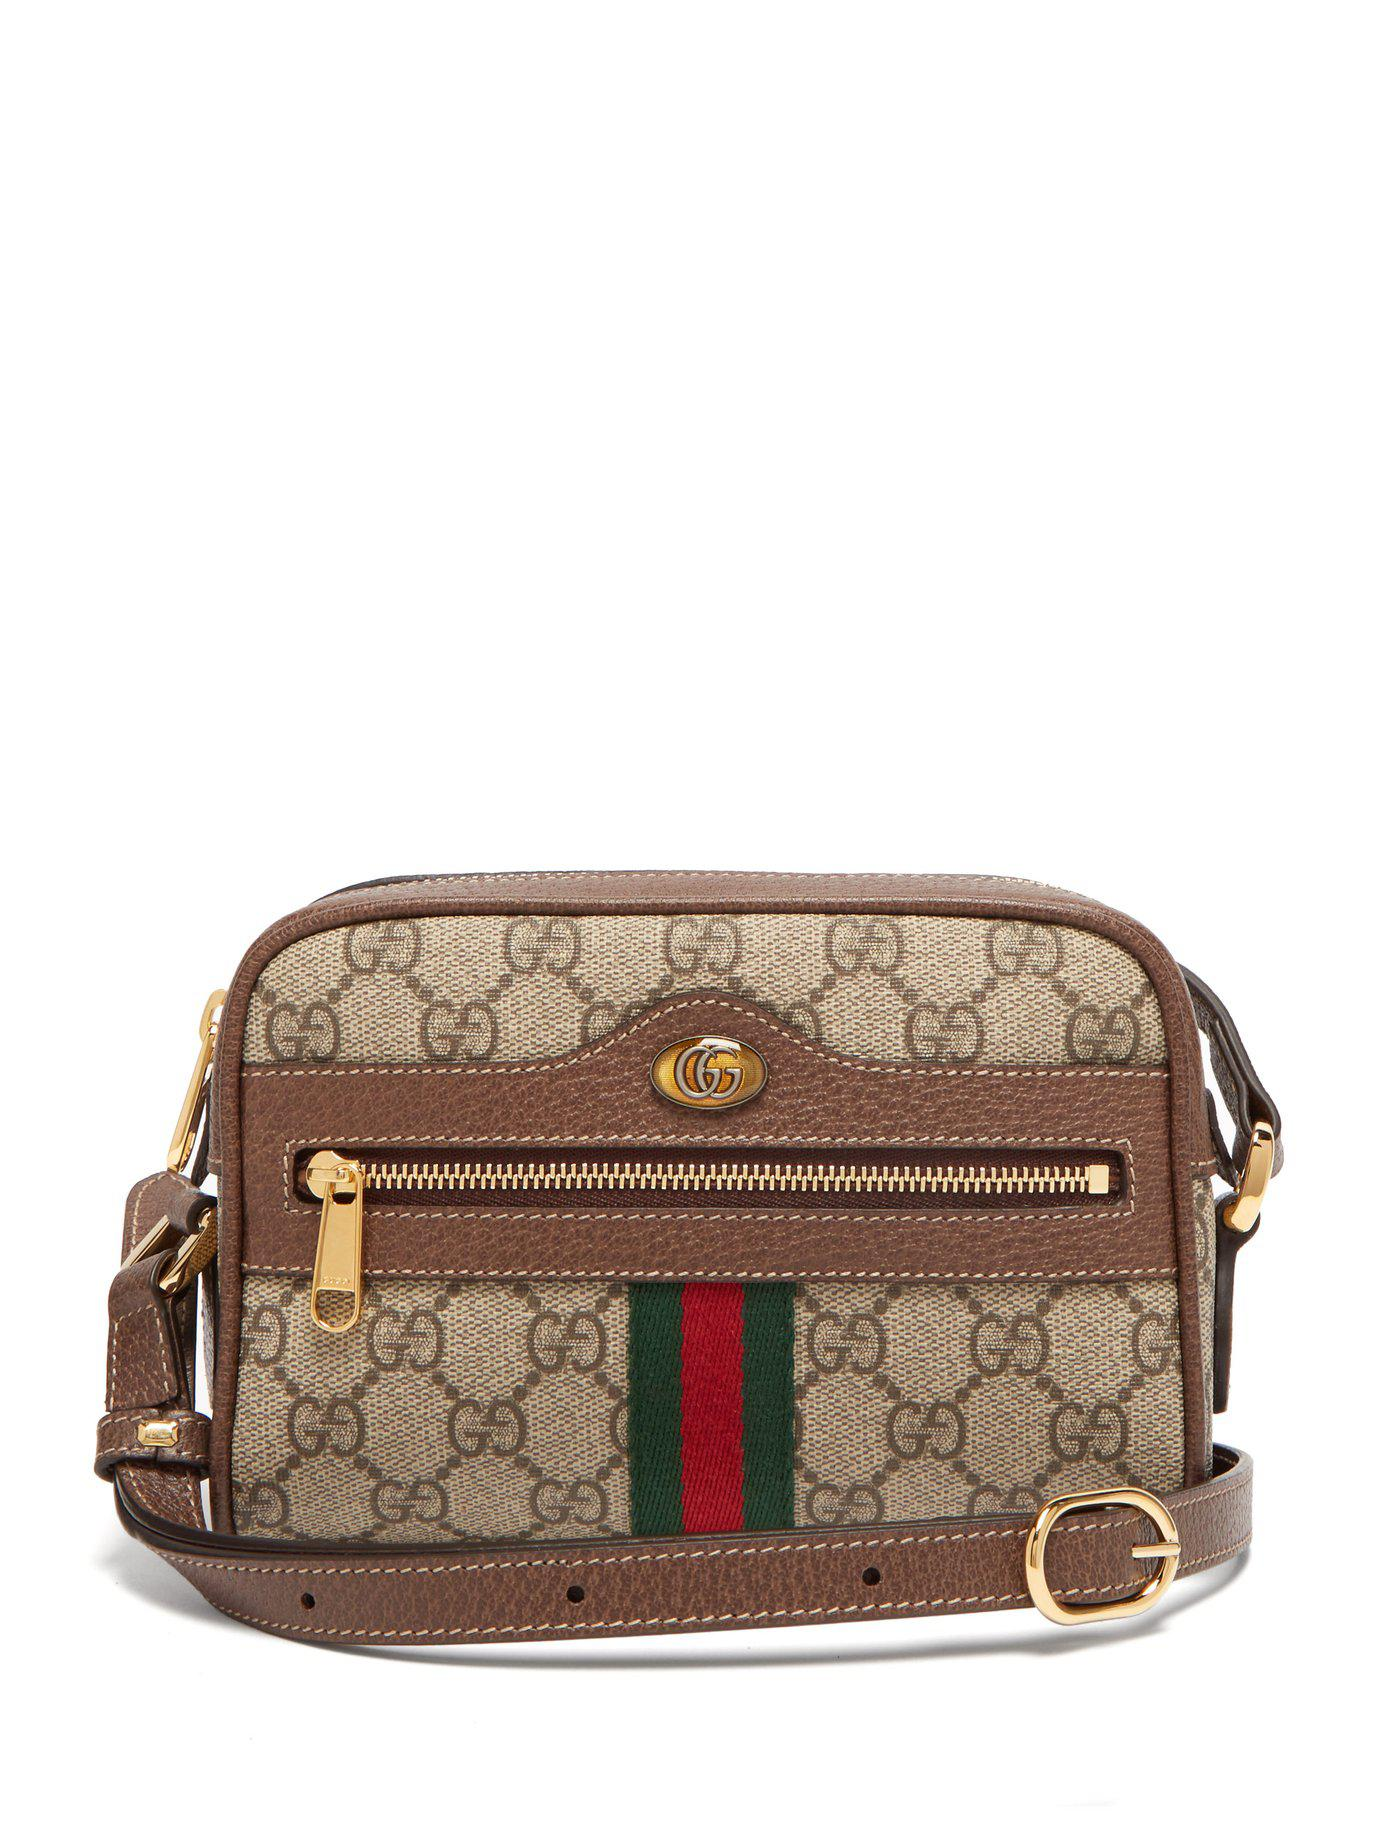 e9e67b931542 Gucci Ophidia Gg Supreme Cross Body Mini Bag in Gray - Lyst